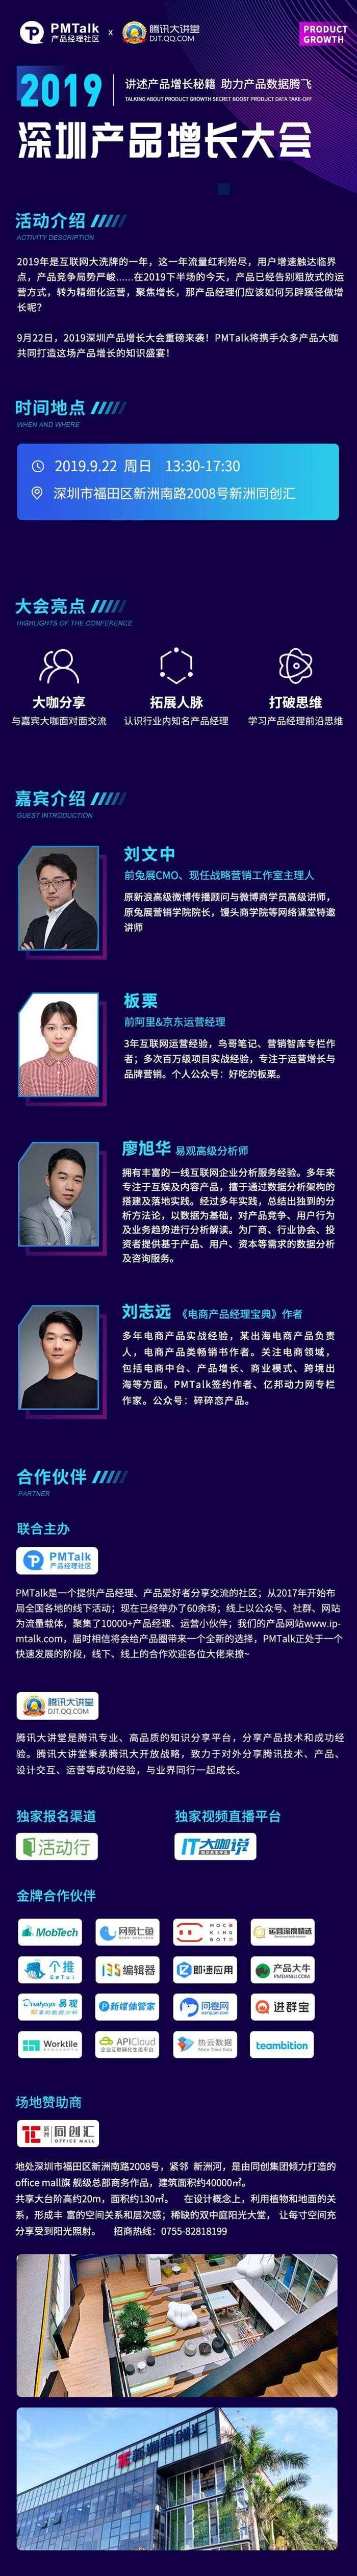 深圳长图.jpg